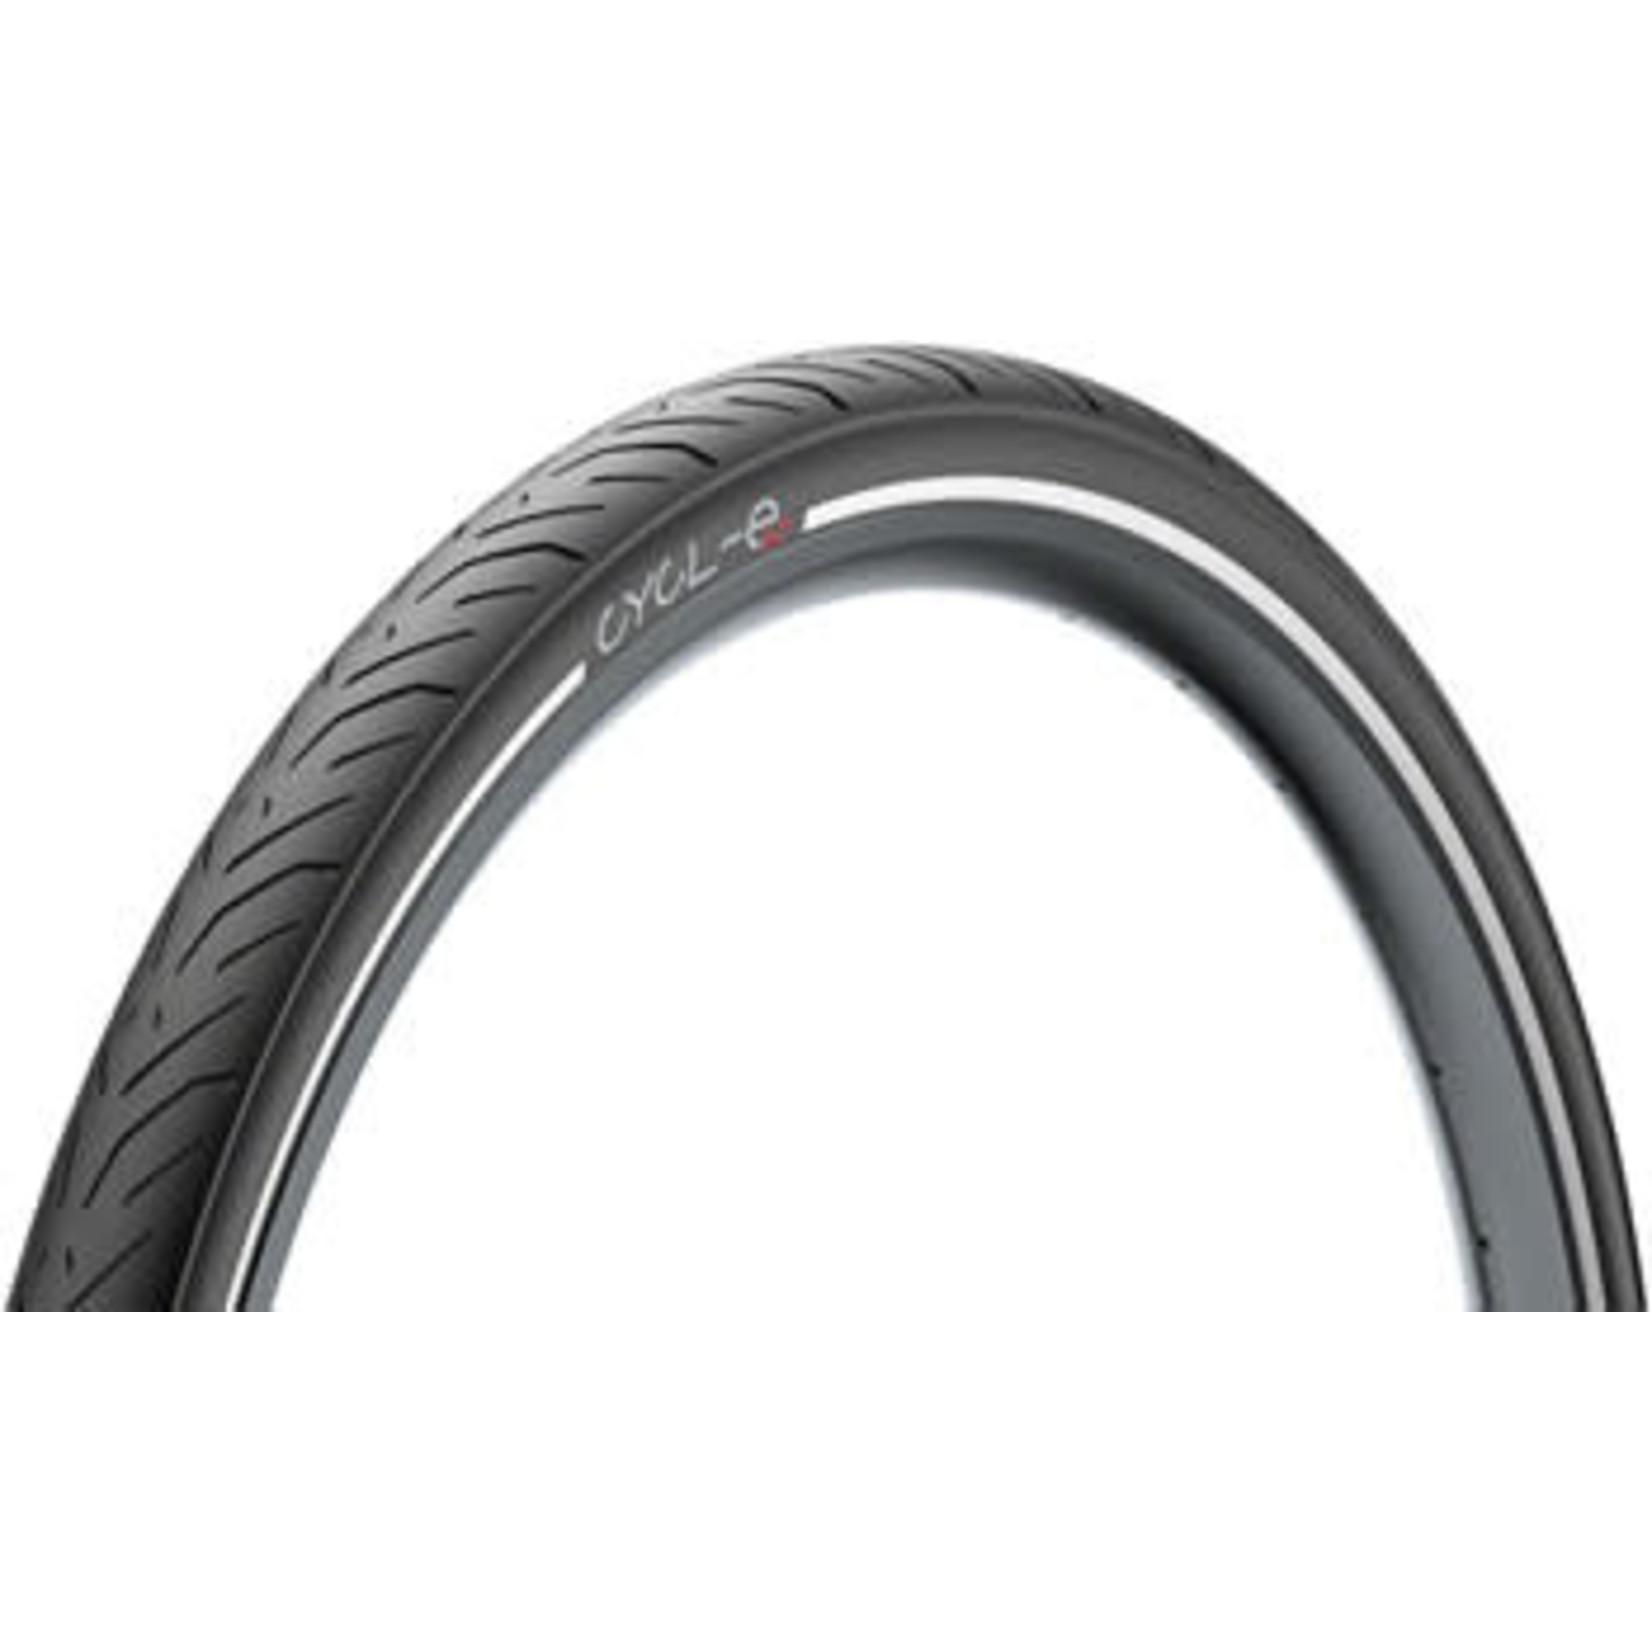 Pirelli Pirelli Cycl-e GT Tire - 650 x 57, Clincher, Wire, Black, Reflective